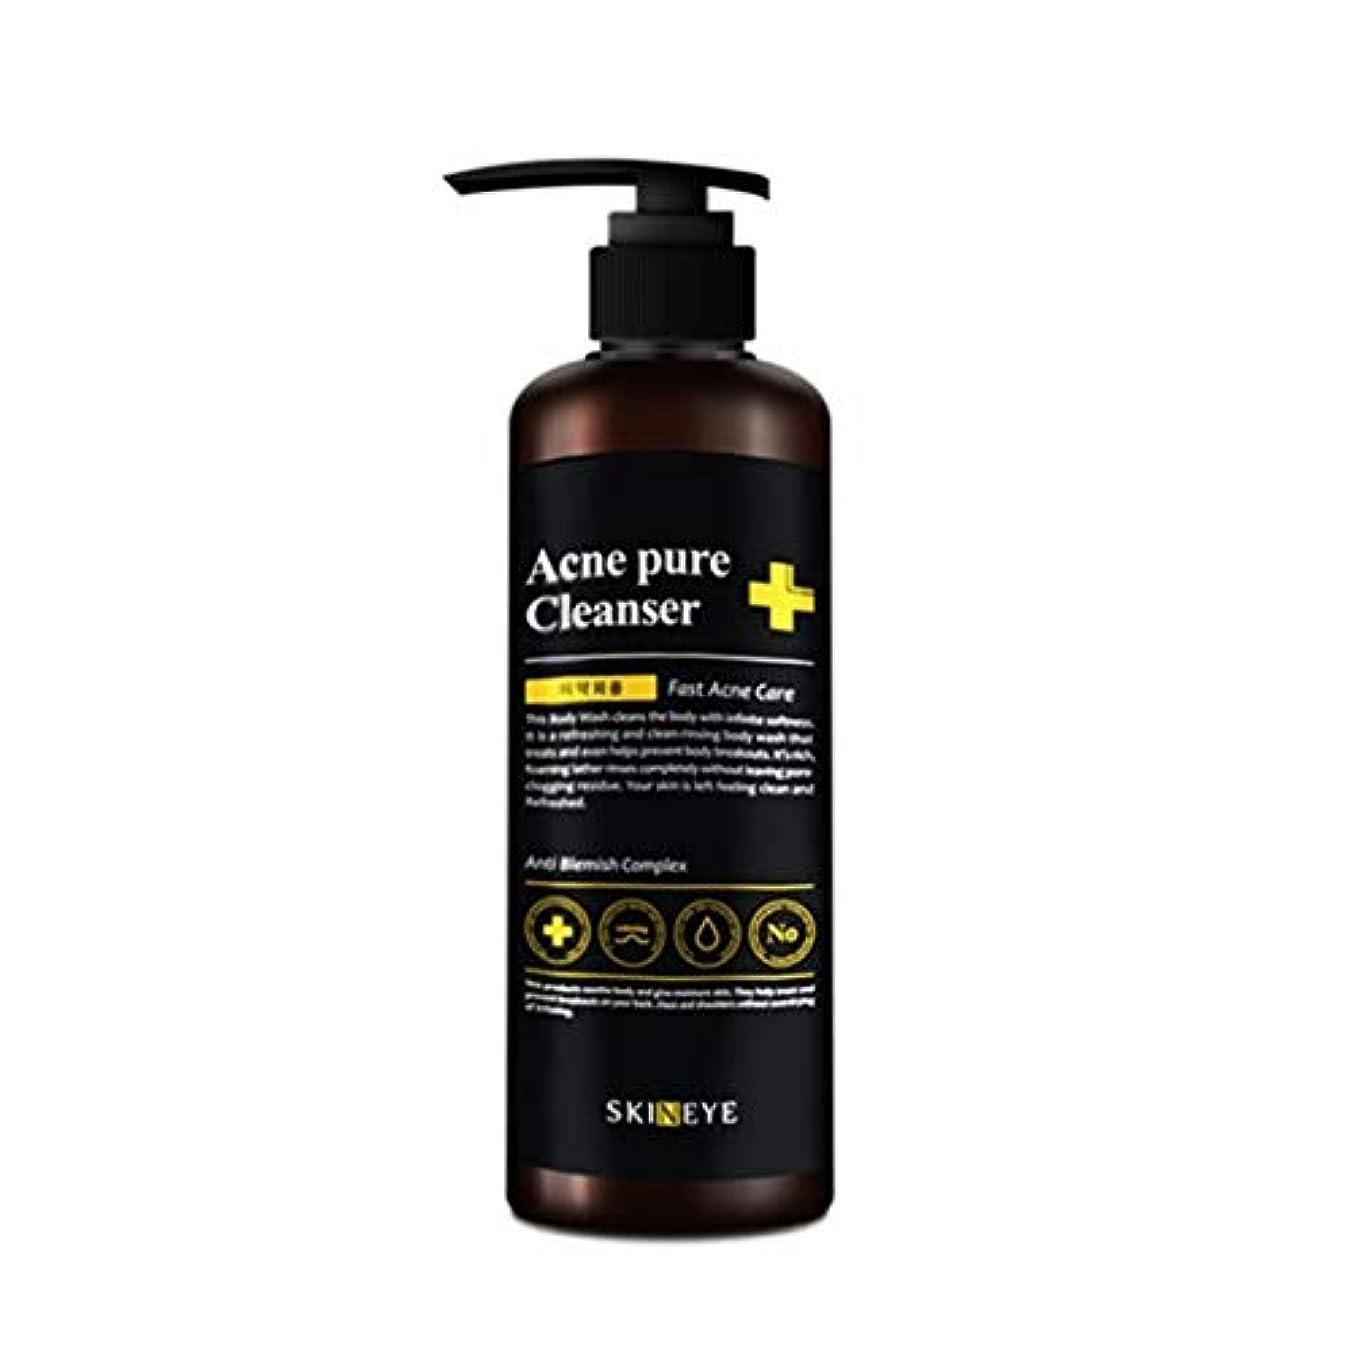 野な胆嚢リンケージスキンアイアクネピュアクレンザー300mlの老廃物除去、Skineye Acne Pure Cleanser 300ml Waste Removal [並行輸入品]